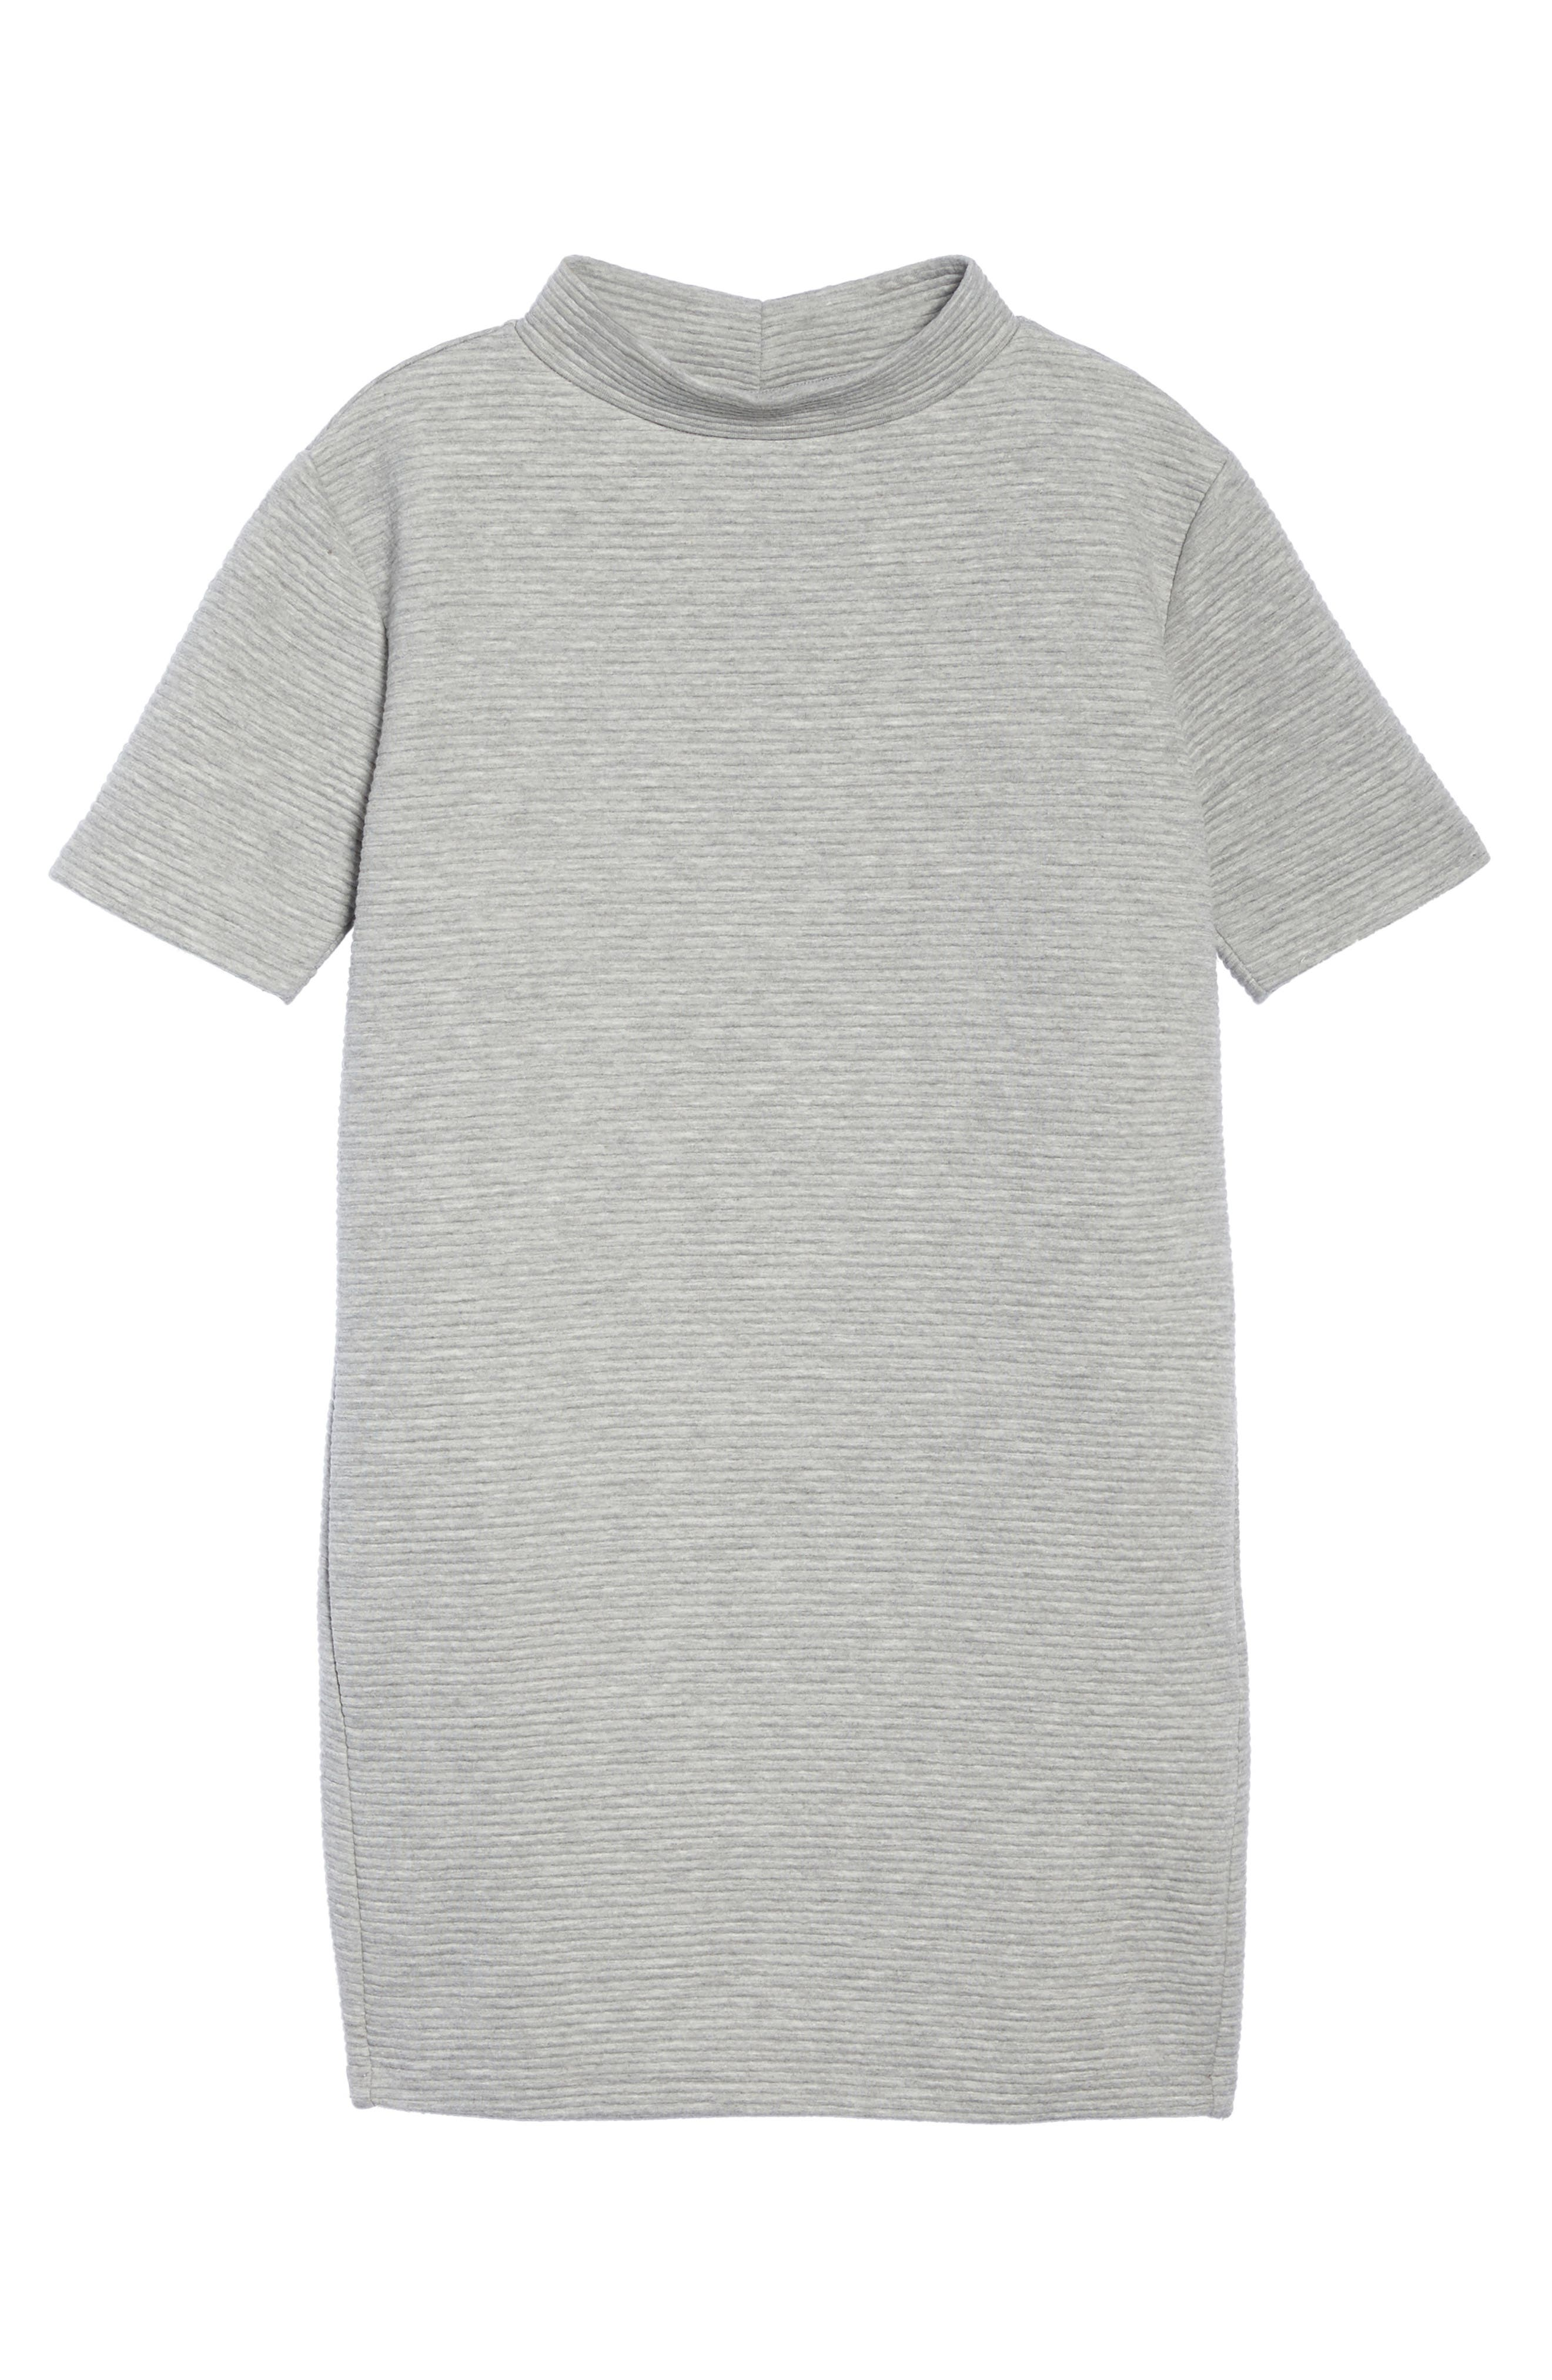 Marian Shift Dress,                             Main thumbnail 1, color,                             Light Grey